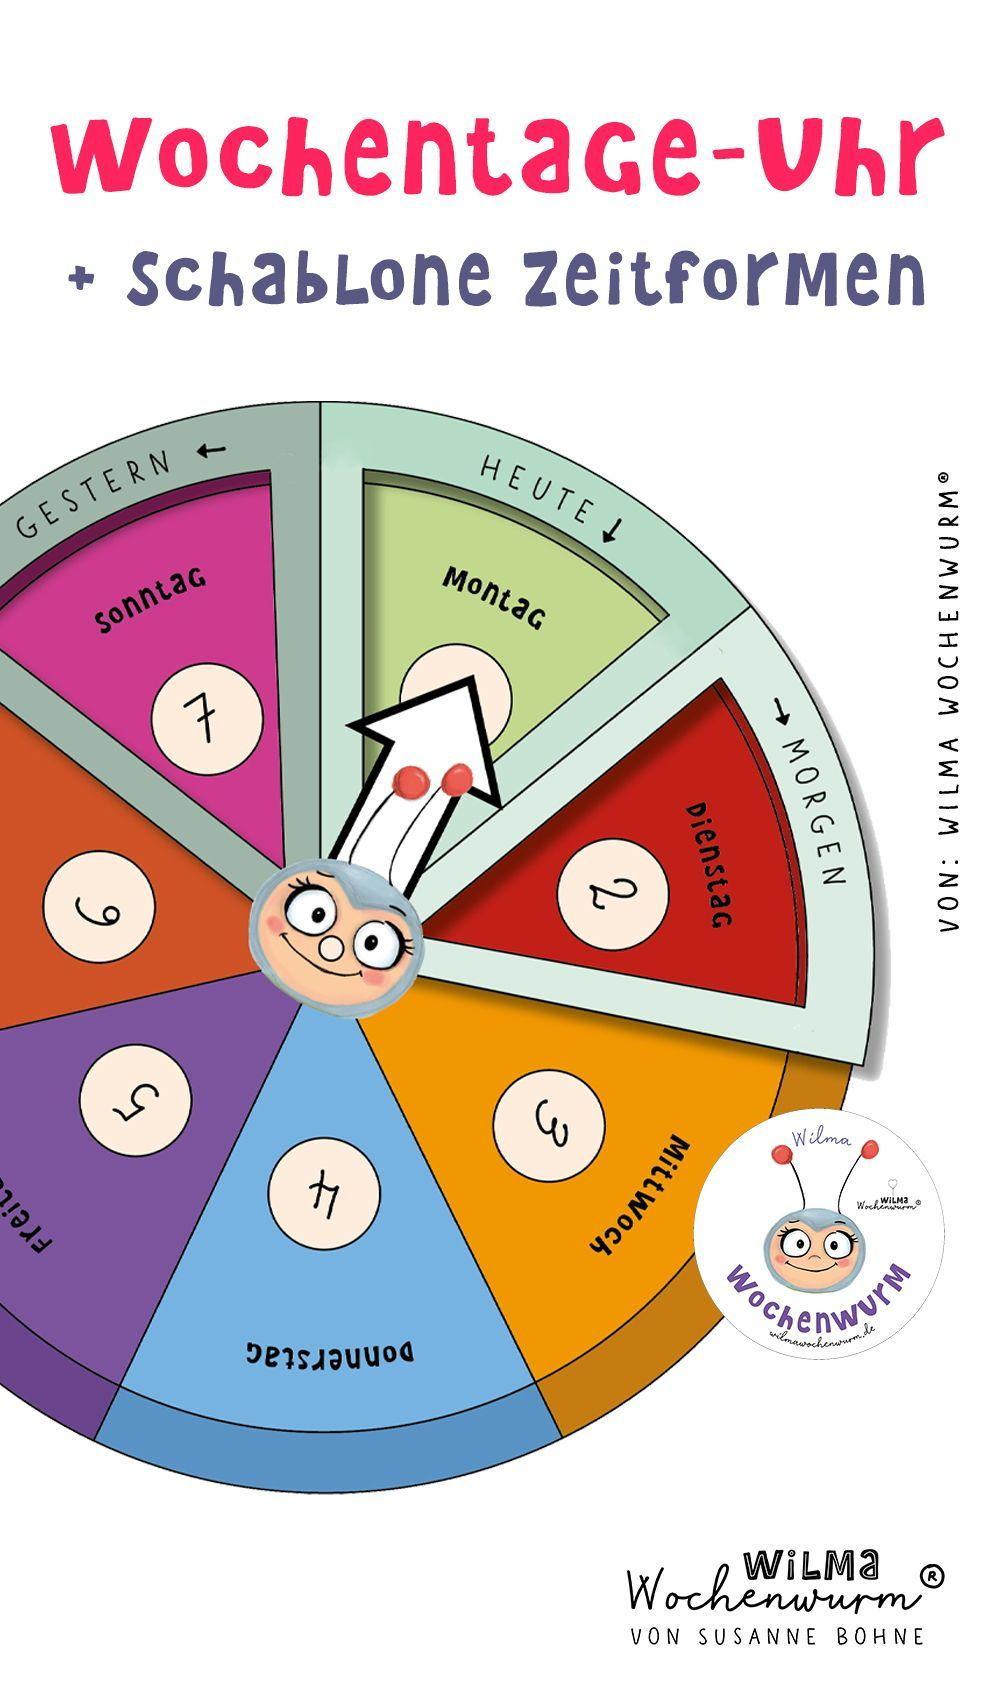 Wochentage Uhr von Wilma Wochenwurm. Zum Selberbasteln. Eine PDF Vorlage - Geschichten für Kinder mit Wilma